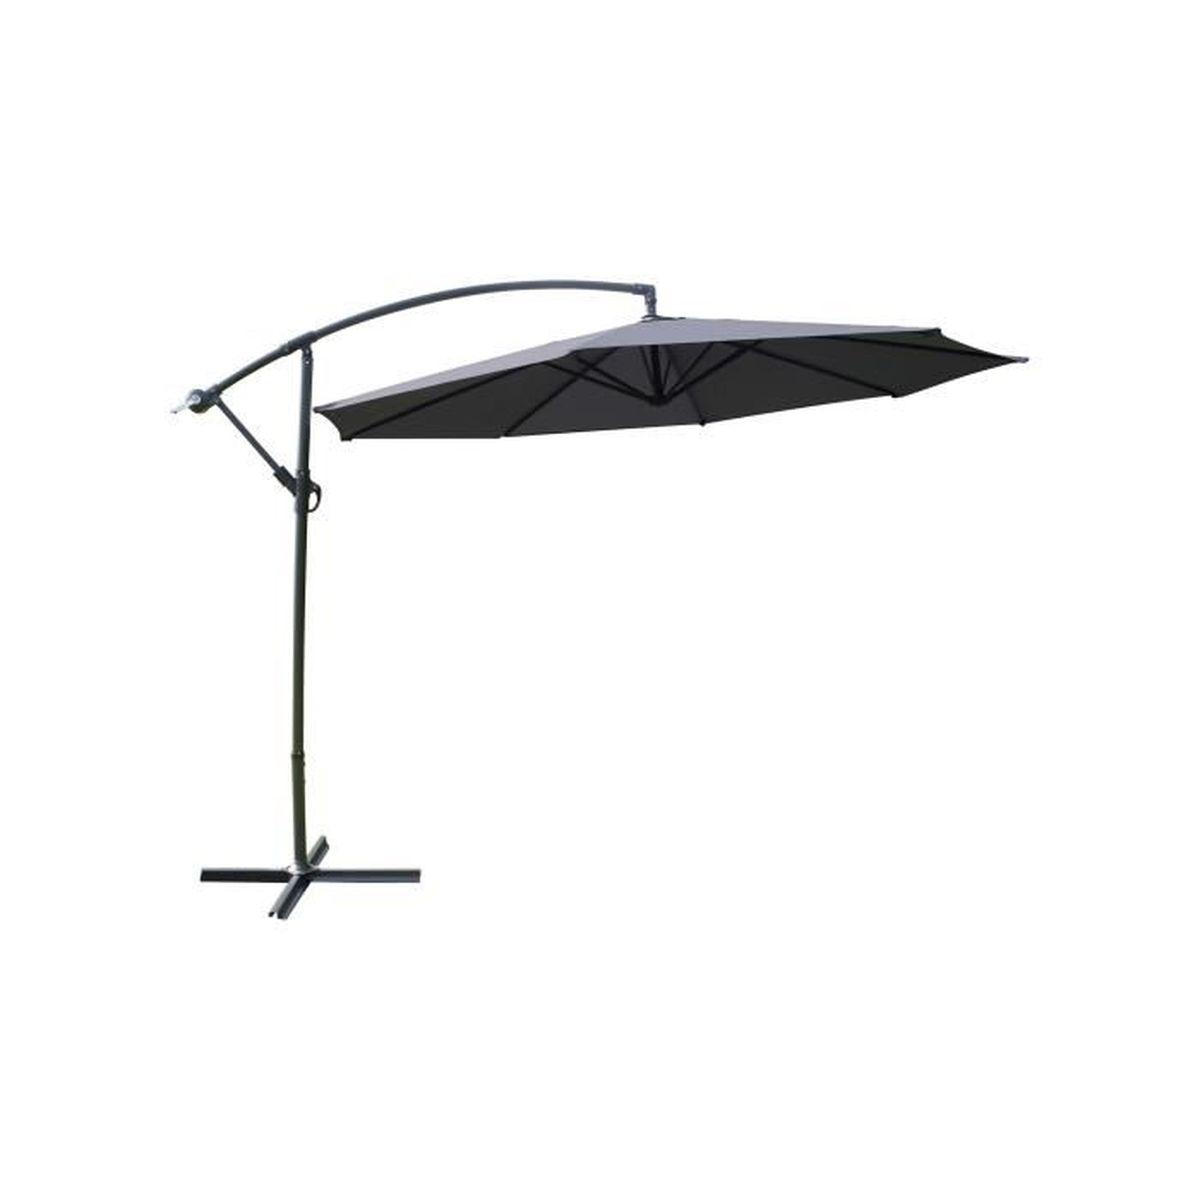 Solde parasol dport finest insert pour parasol sun garden with solde parasol dport great shop - Parasol deporte solde ...